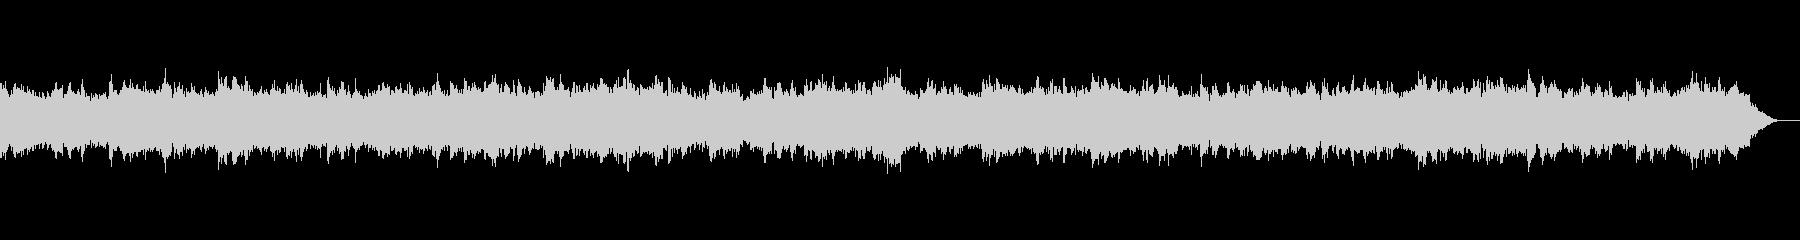 ヒーリング ディープ5の未再生の波形